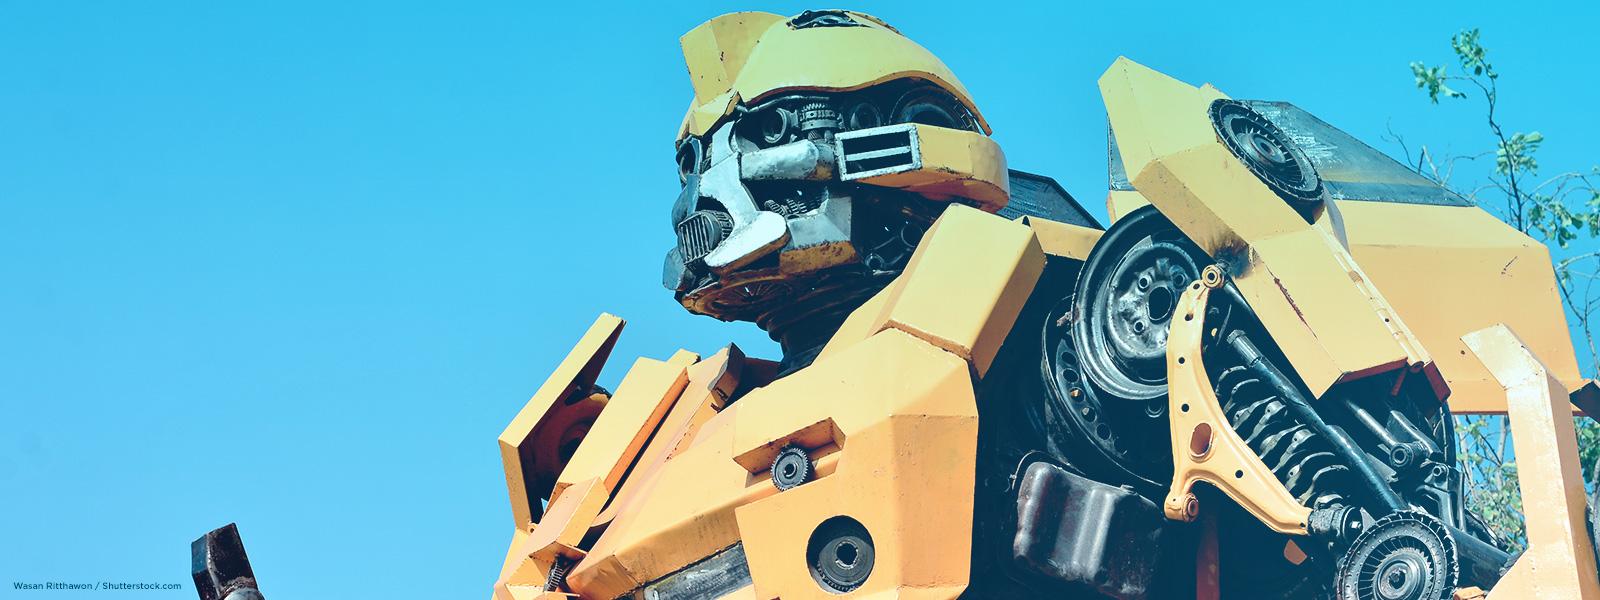 blog-ceabs-bumblebee-transformers-filme-exclusivo